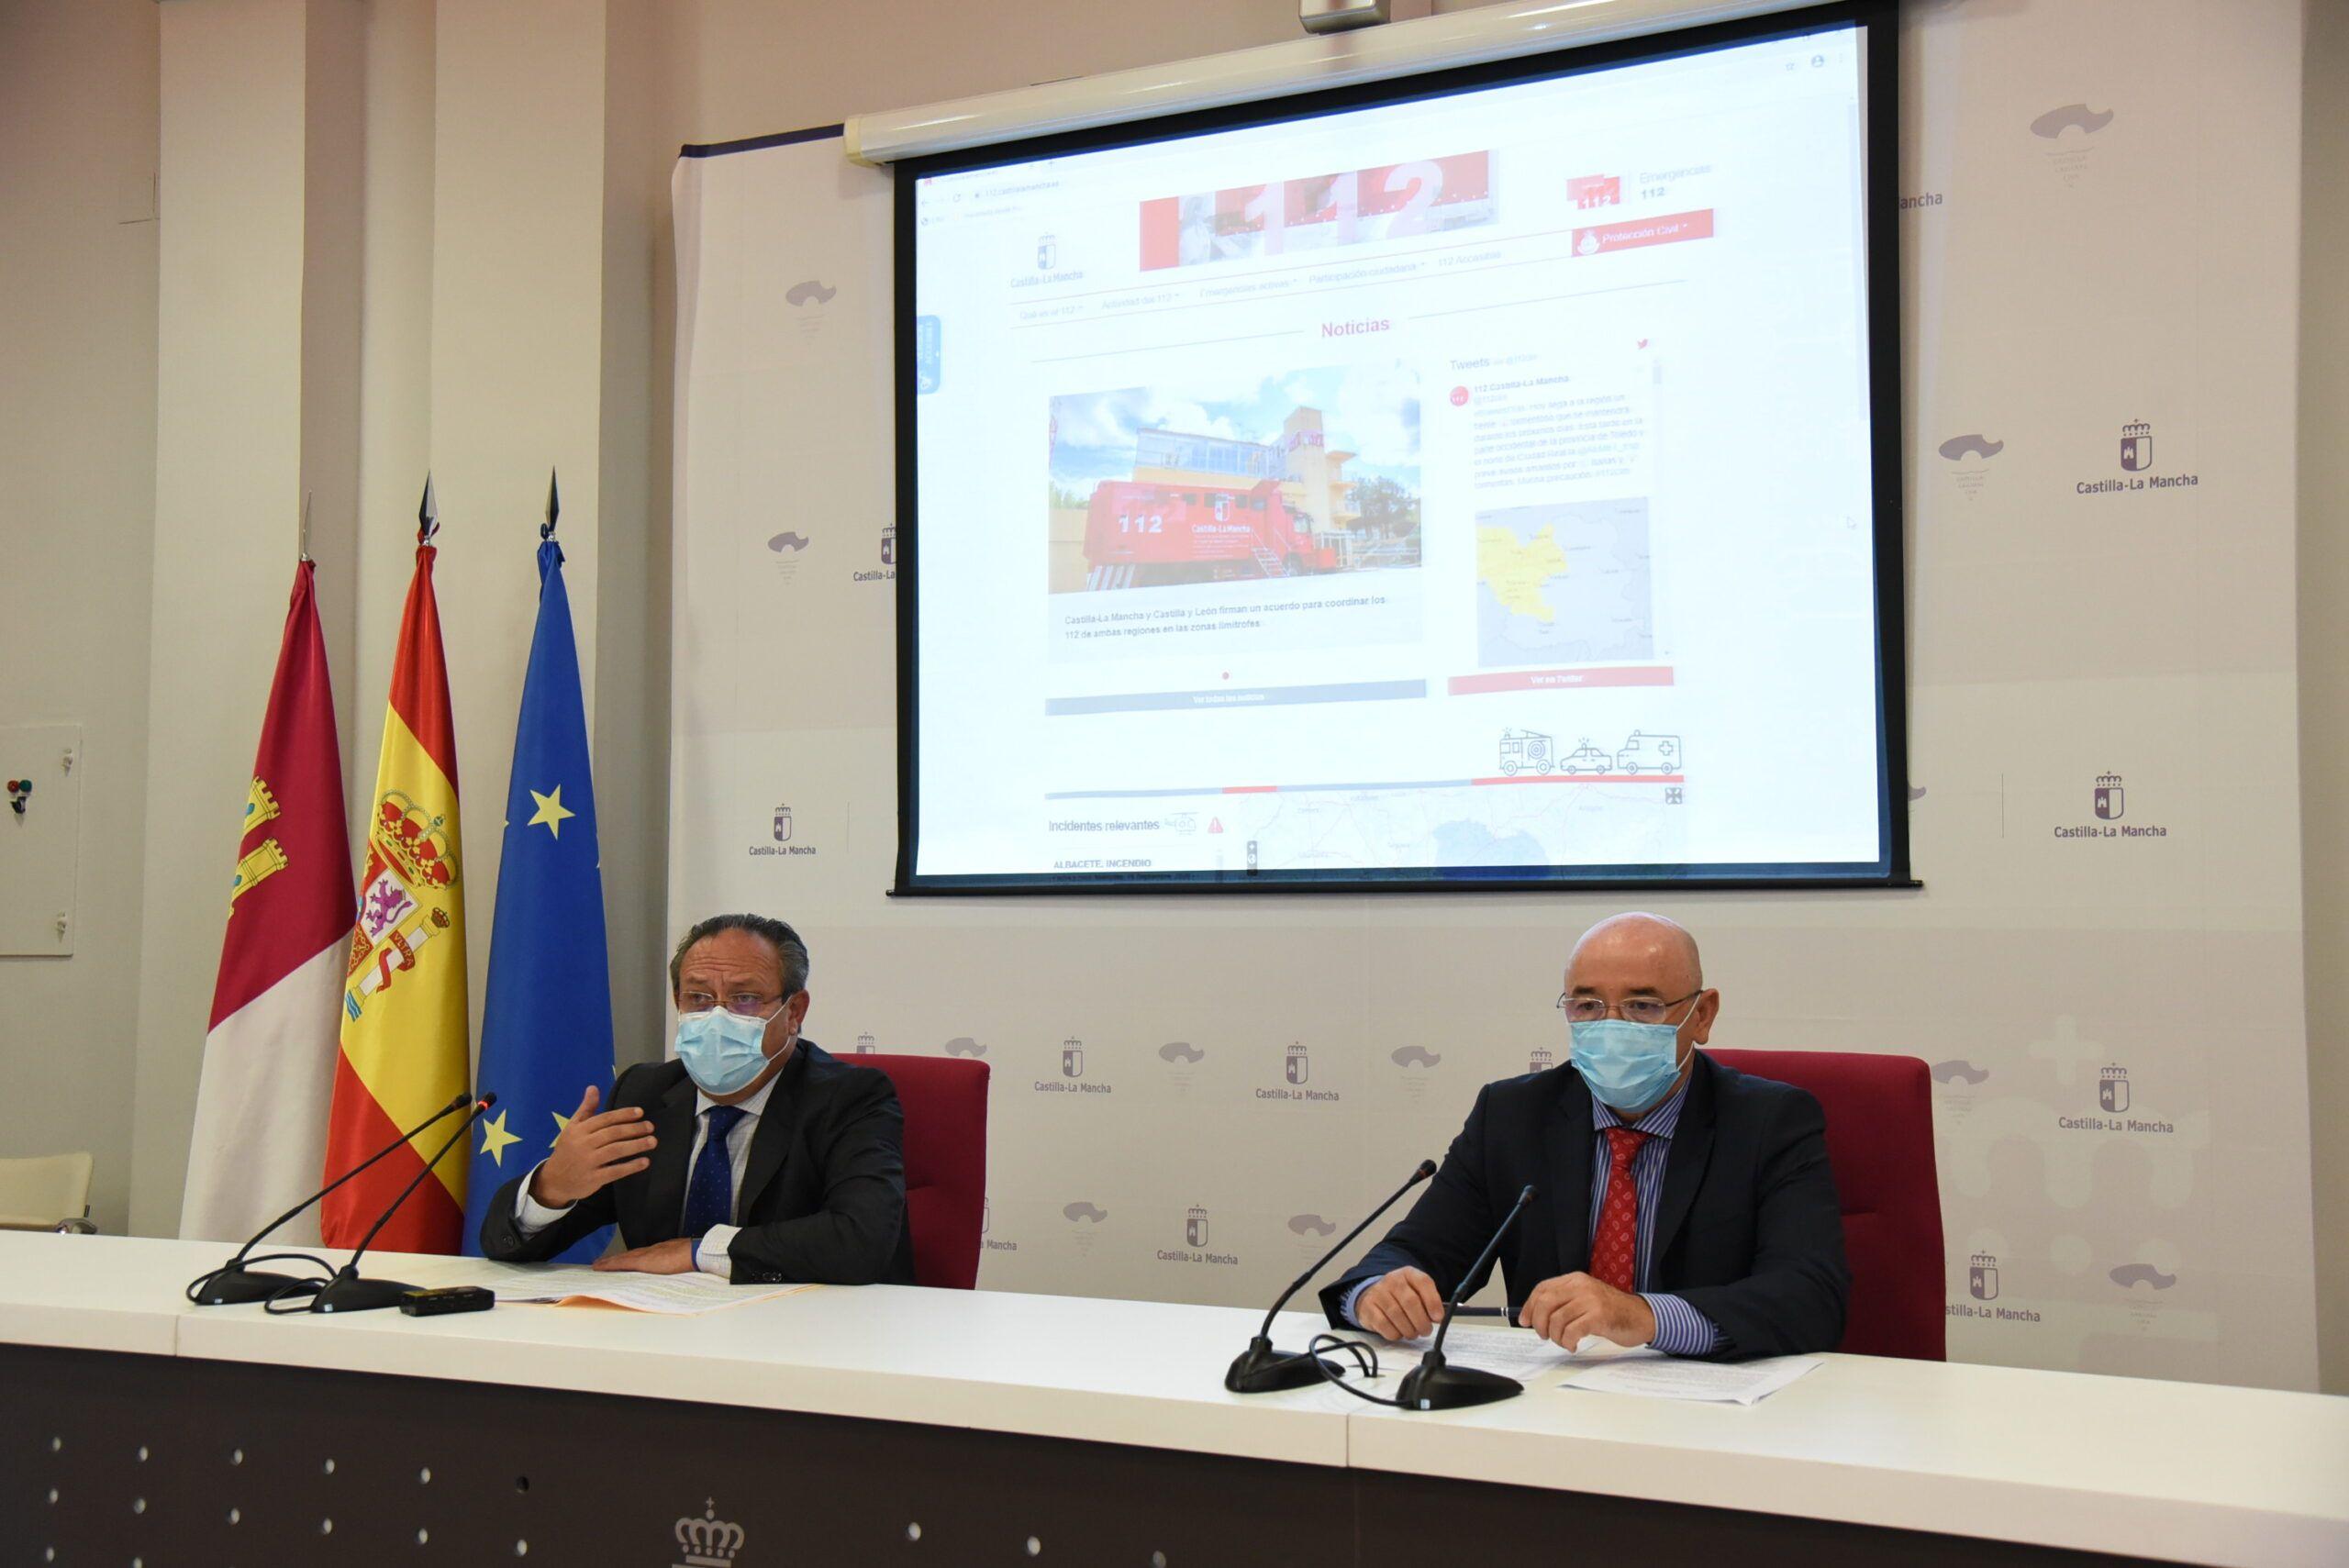 El nuevo portal del 1-1-2 permitirá una comunicación dinámica, rápida y accesible con la ciudadanía en materia de emergencias y protección civil